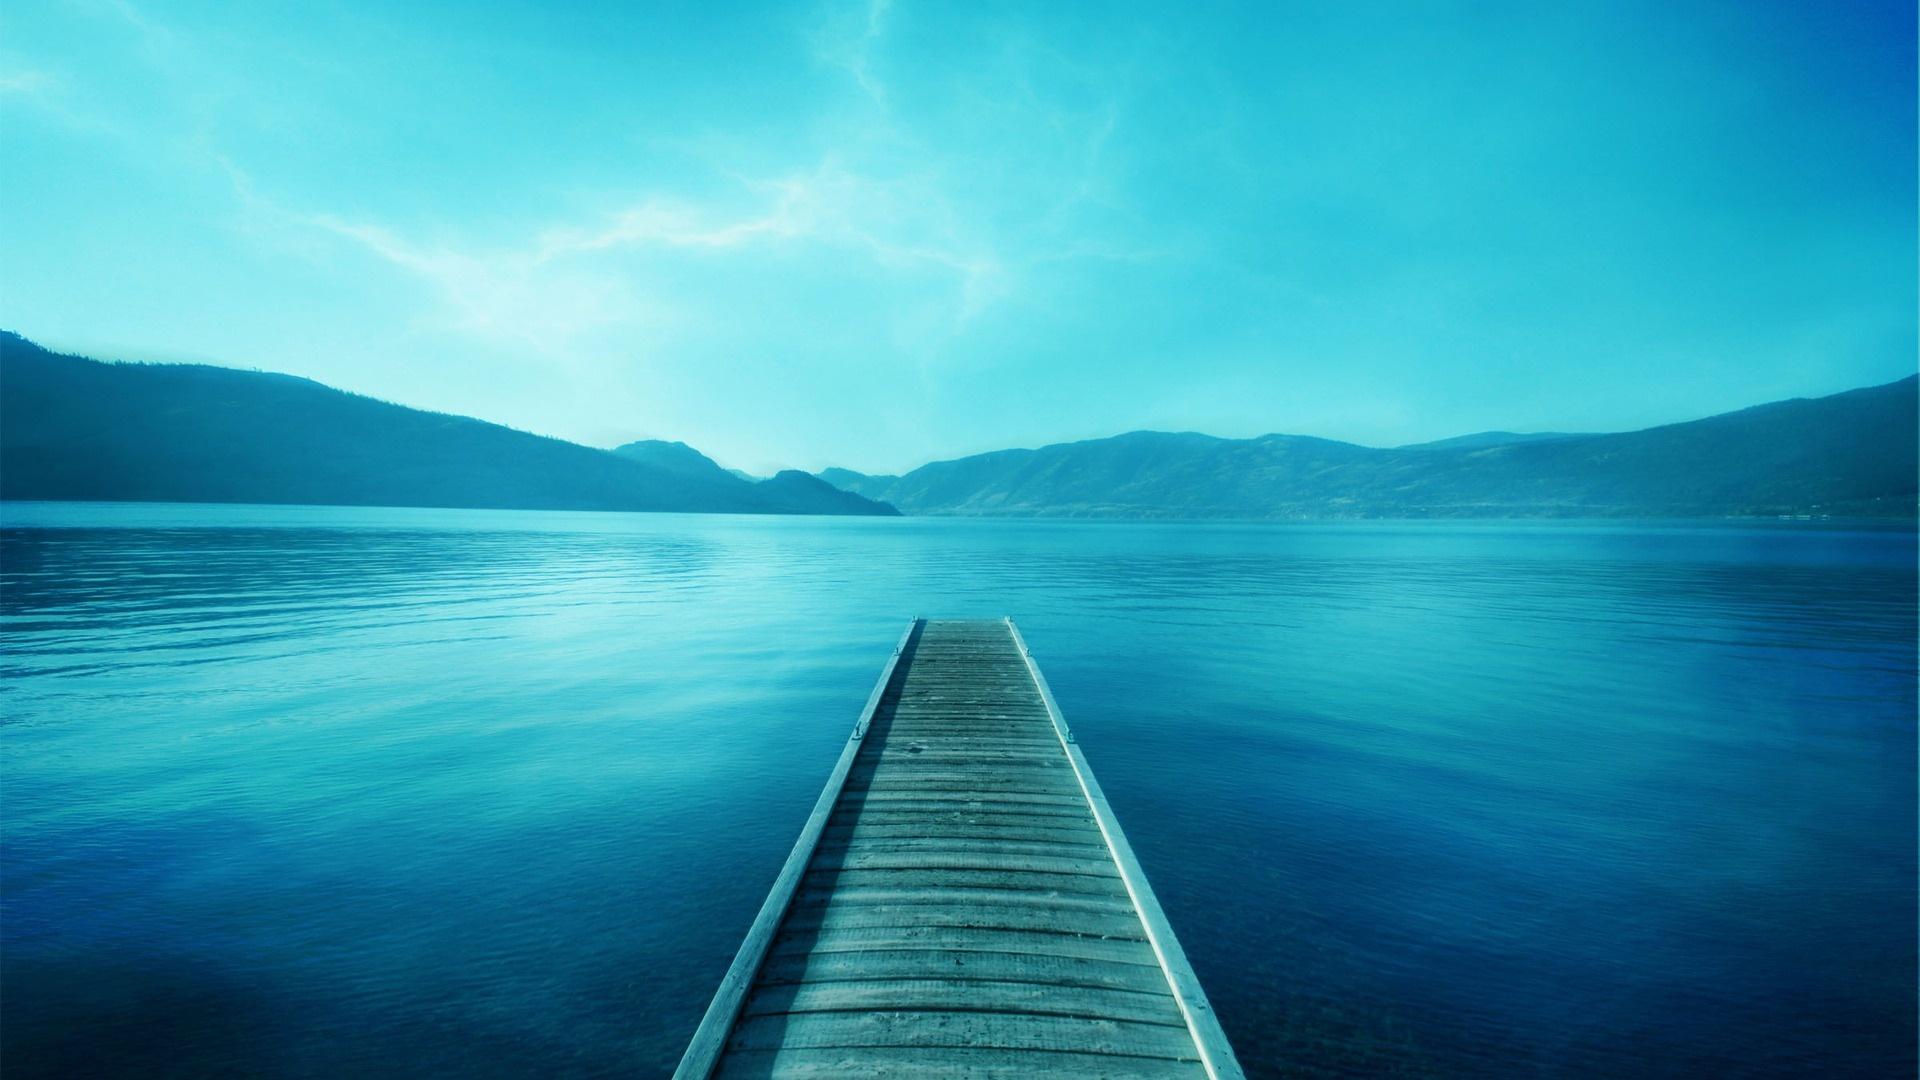 Image: http://www.desktopwallpaperhd.net/wallpapers/13/0/landscape-wallpapers-blue-138896.jpg